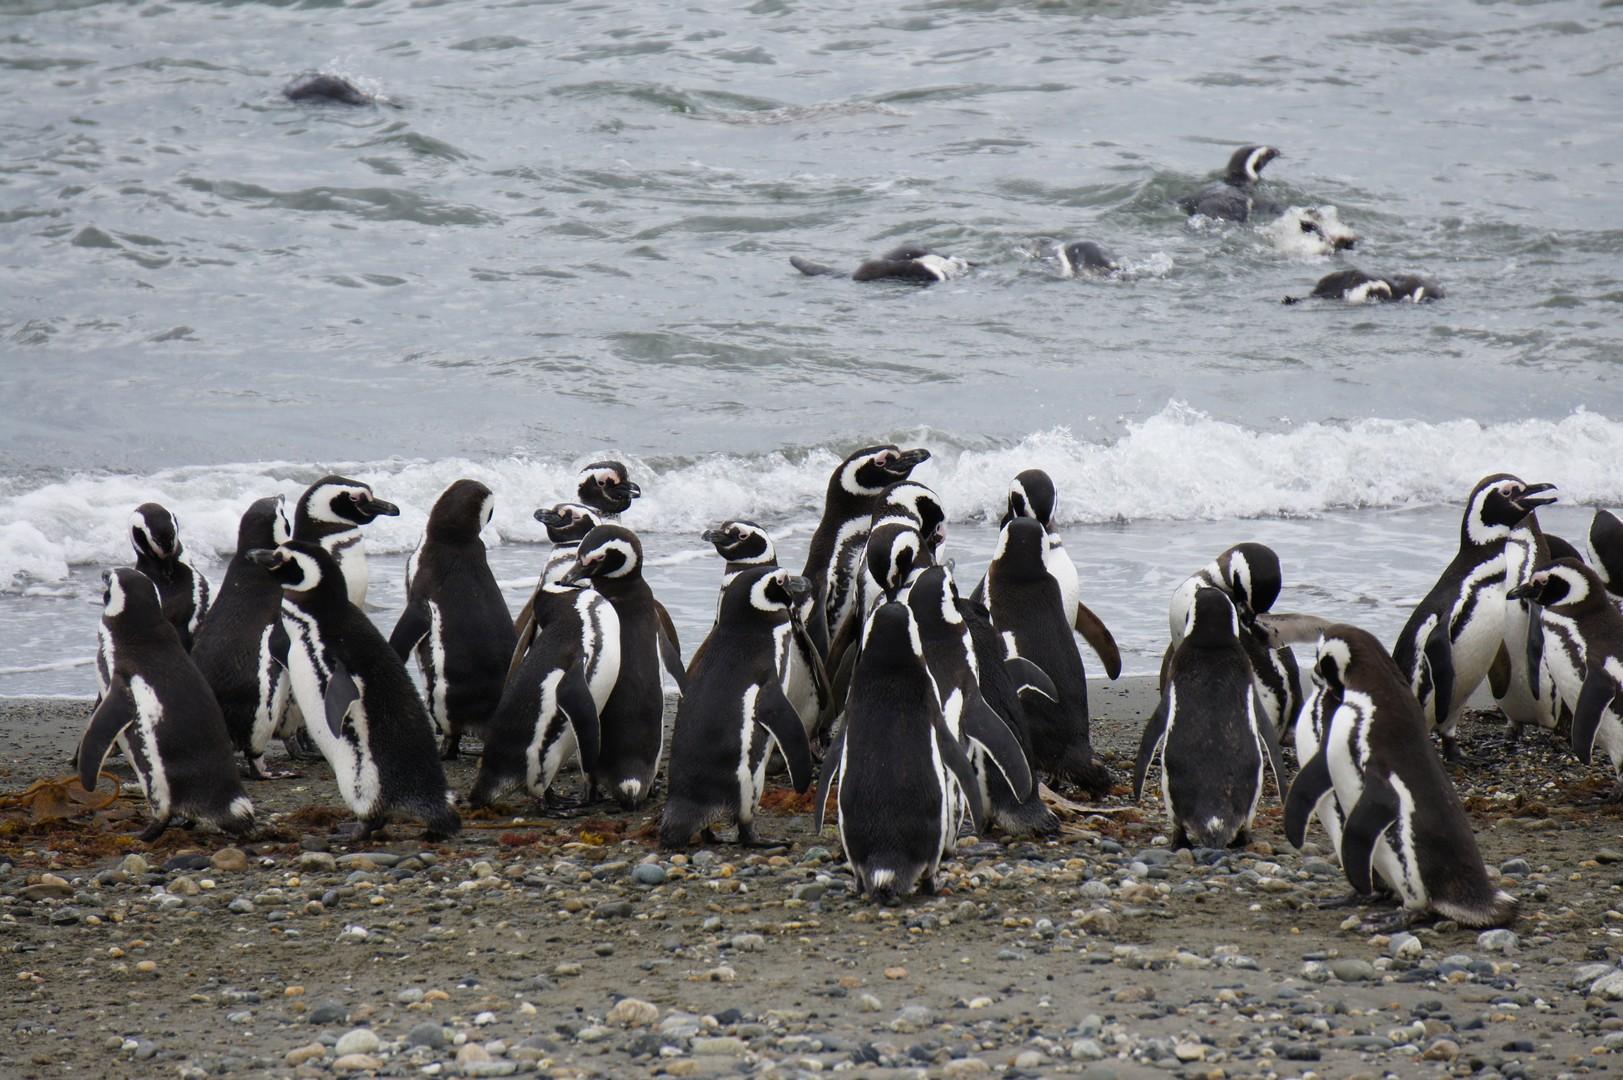 ... noch mehr Pinguine